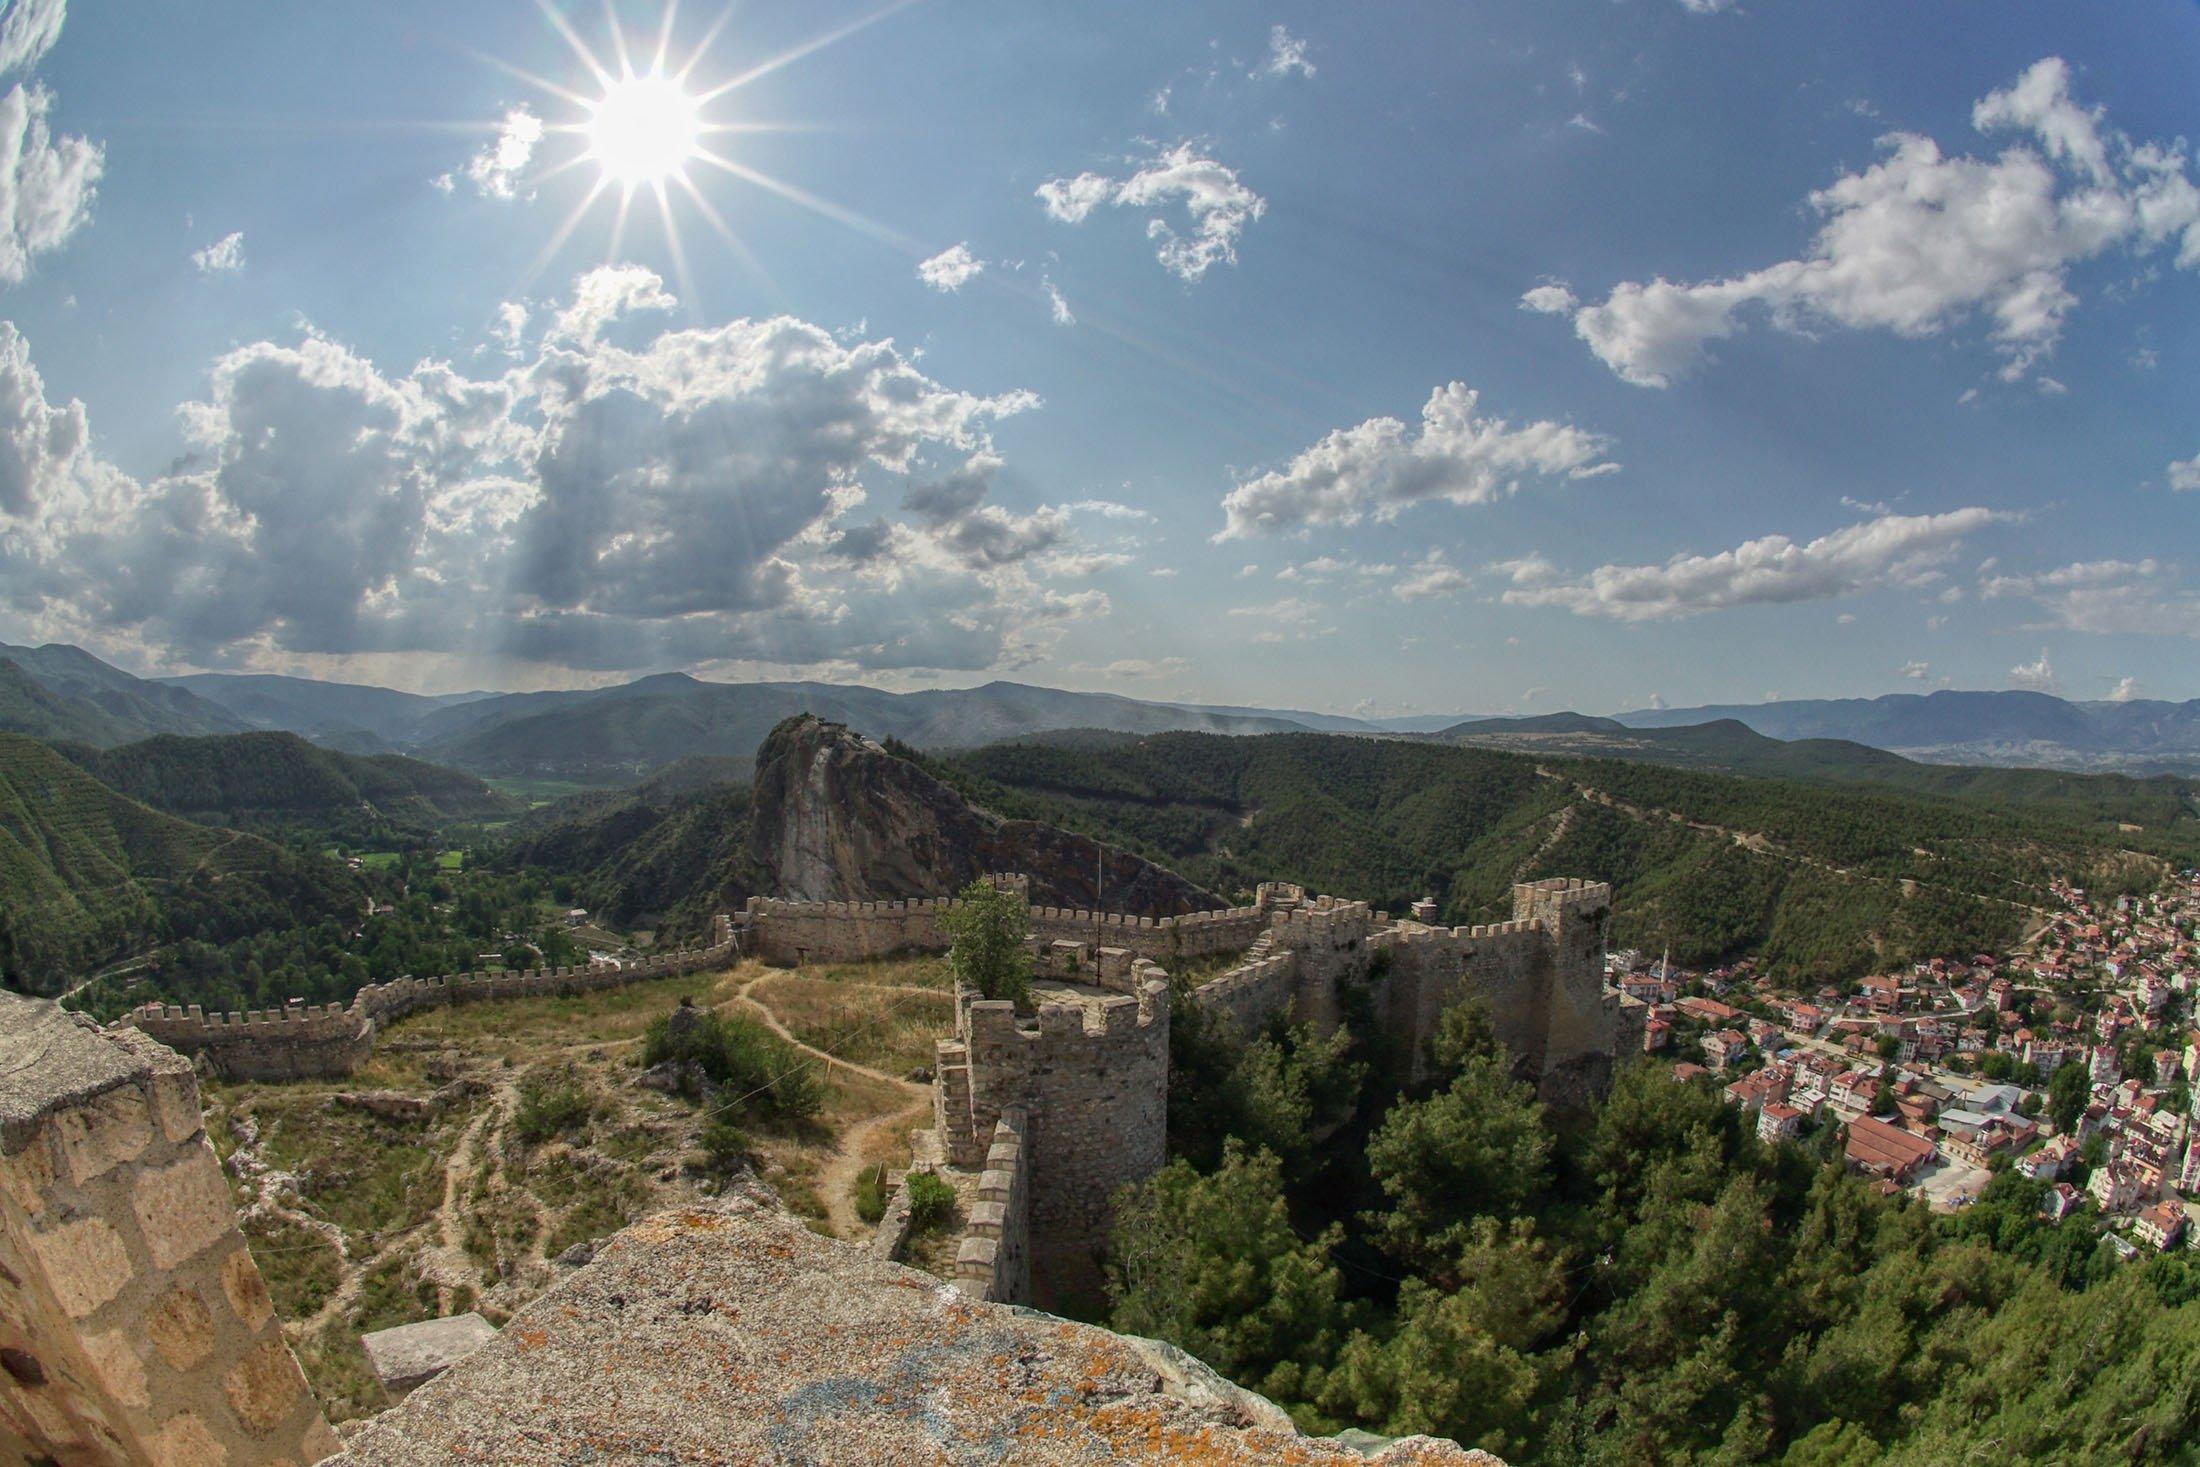 Boyabat Castle in the Boyabat district of Sinop, Turkey. (Shutterstock Photo)